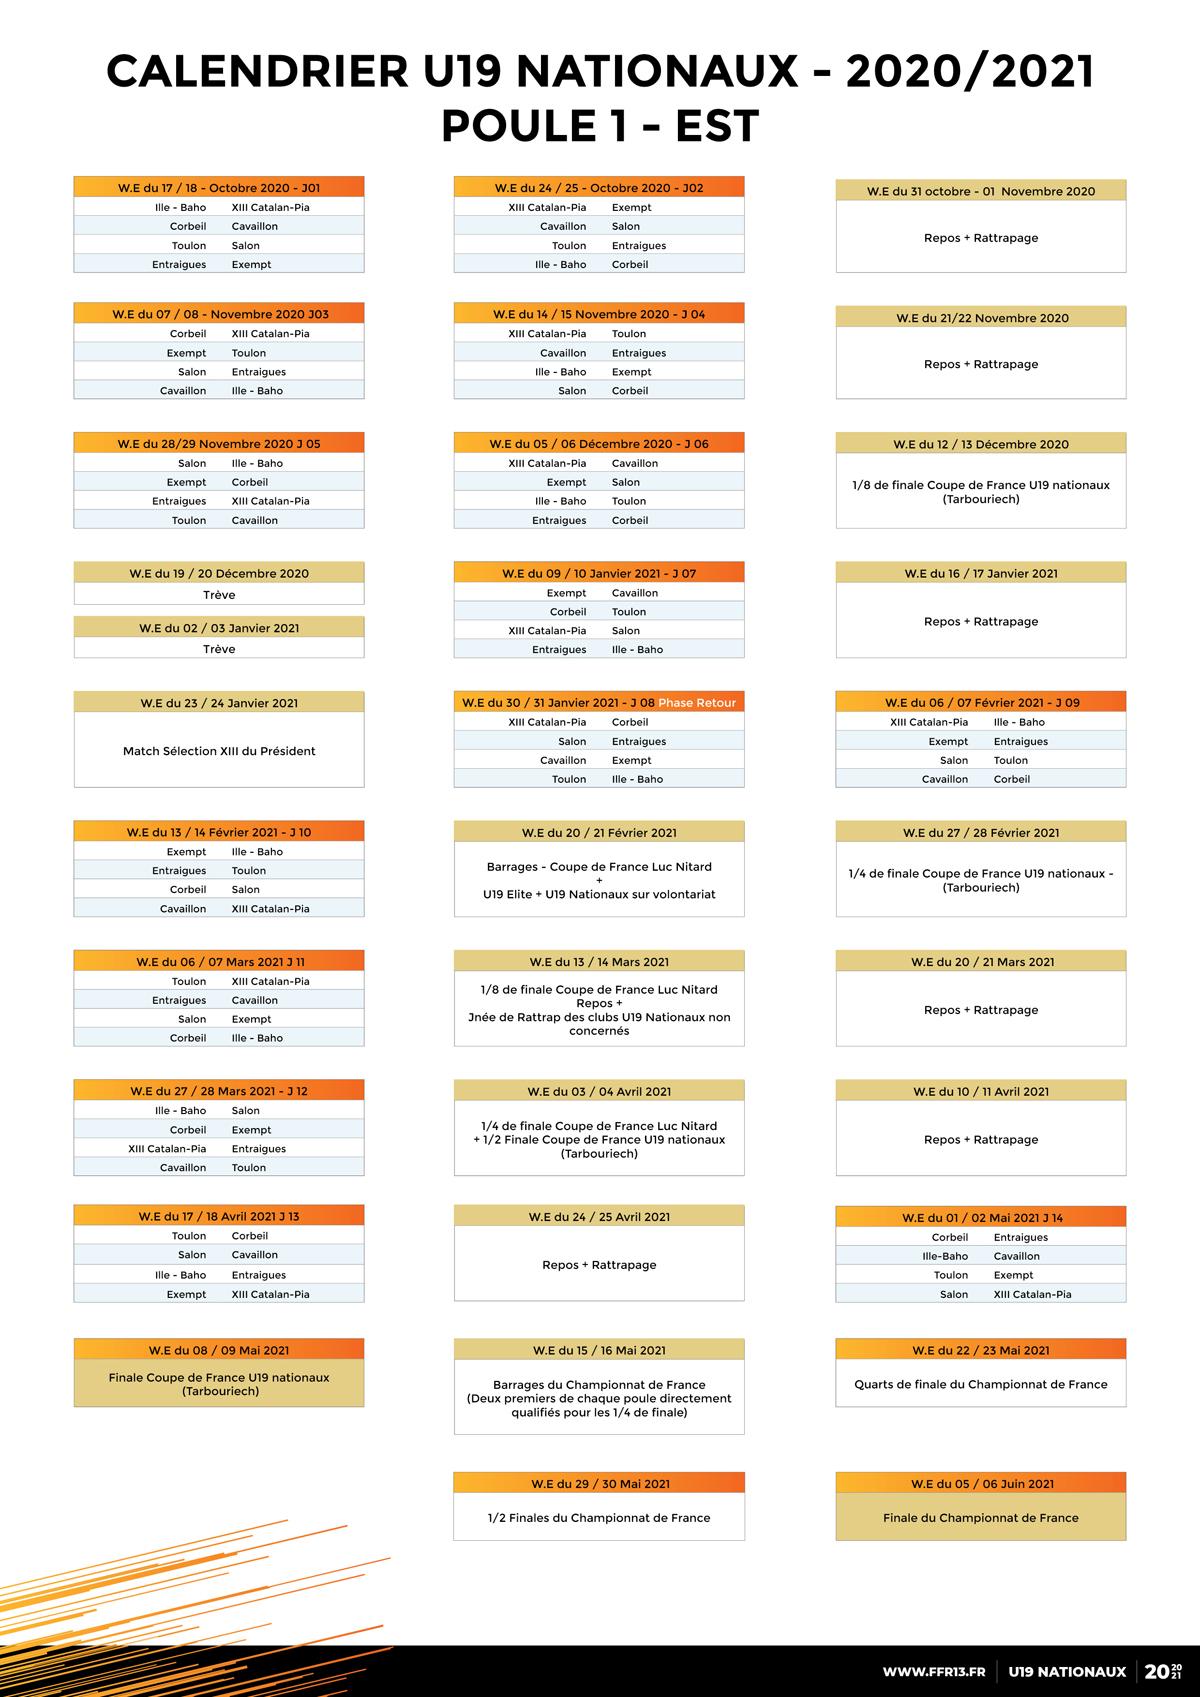 Jean Ribul Calendrier 2022 Calendrier U19 Nationaux 2021 2022   calendrier jun 2021